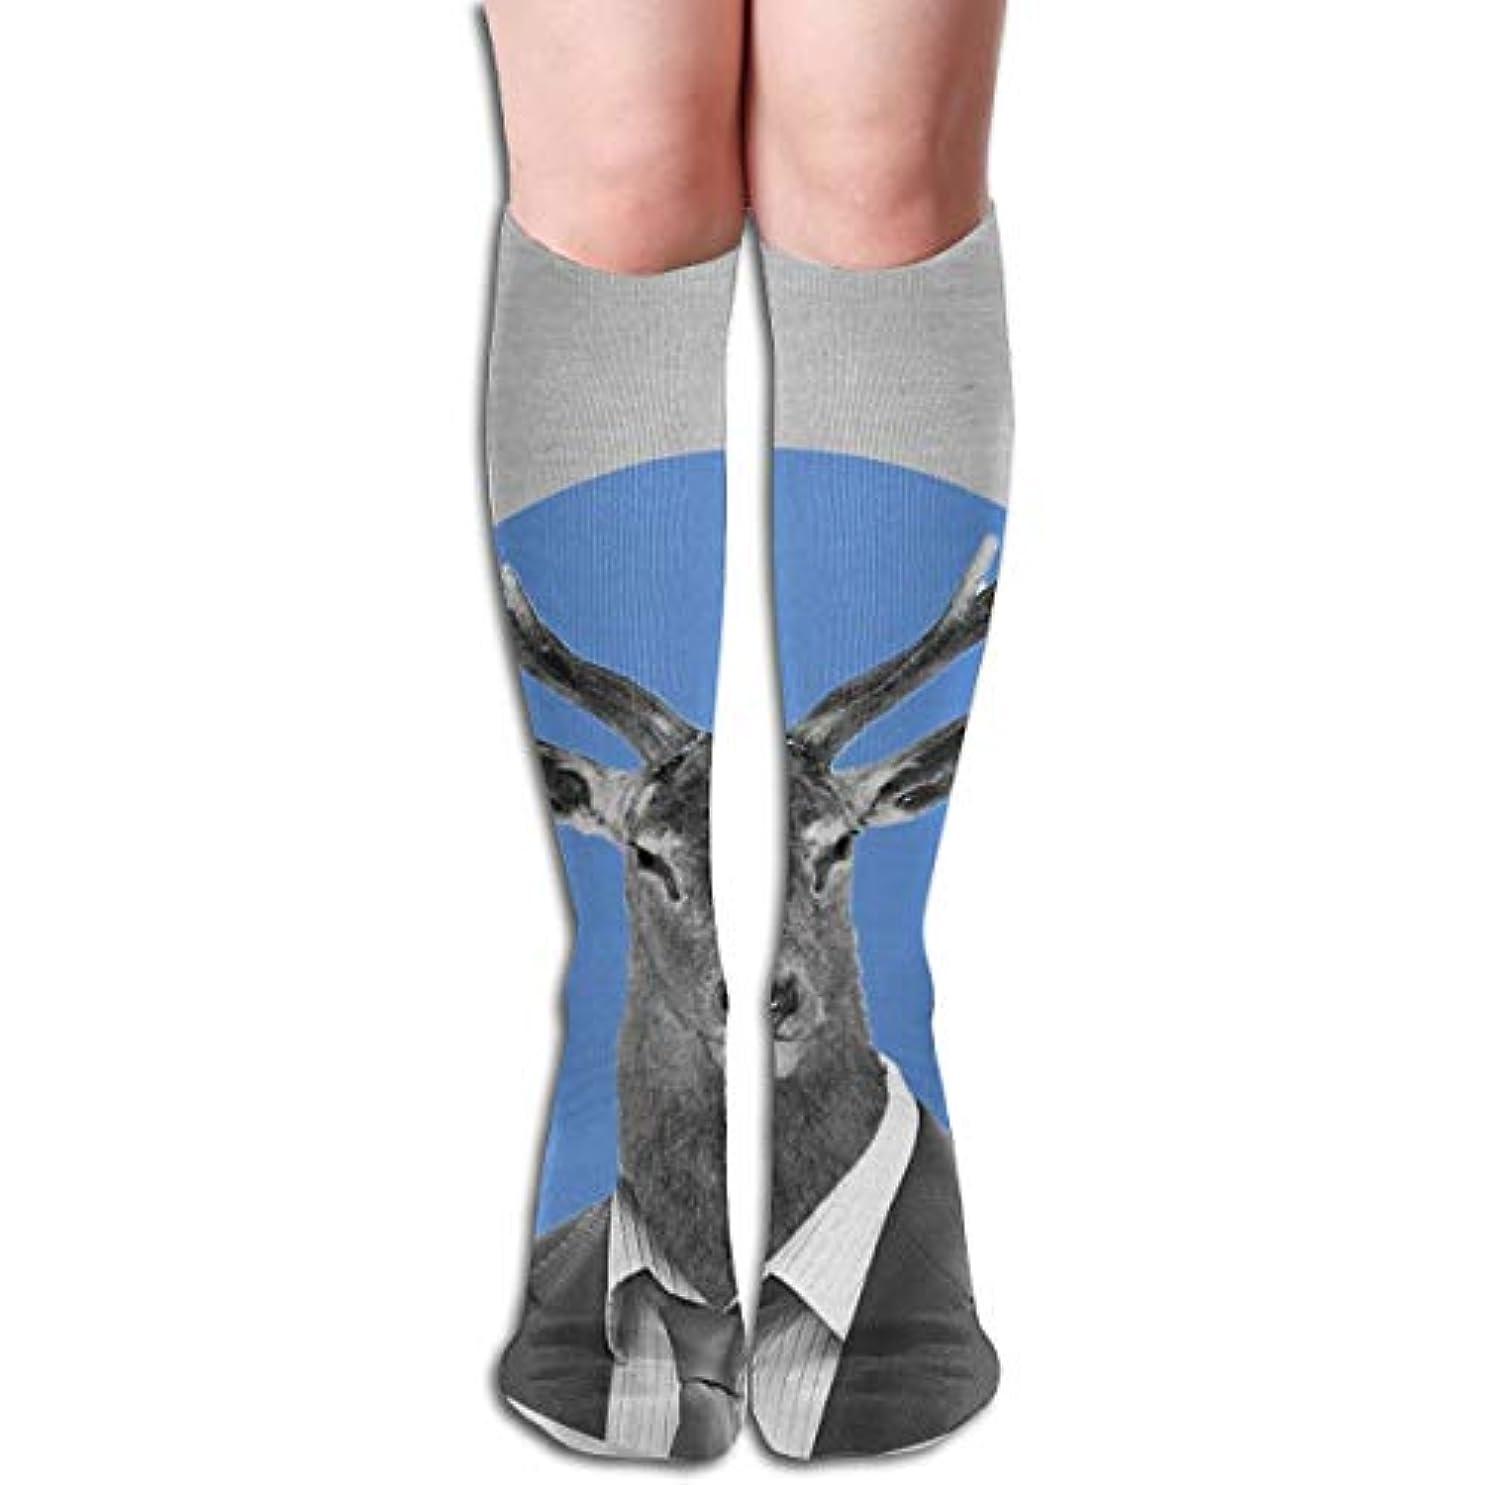 自体王室狂人Mr. Deer Compression Socks Women&Men 15-20 mmHg Compression Stockings Best for Running、Medical、Travel